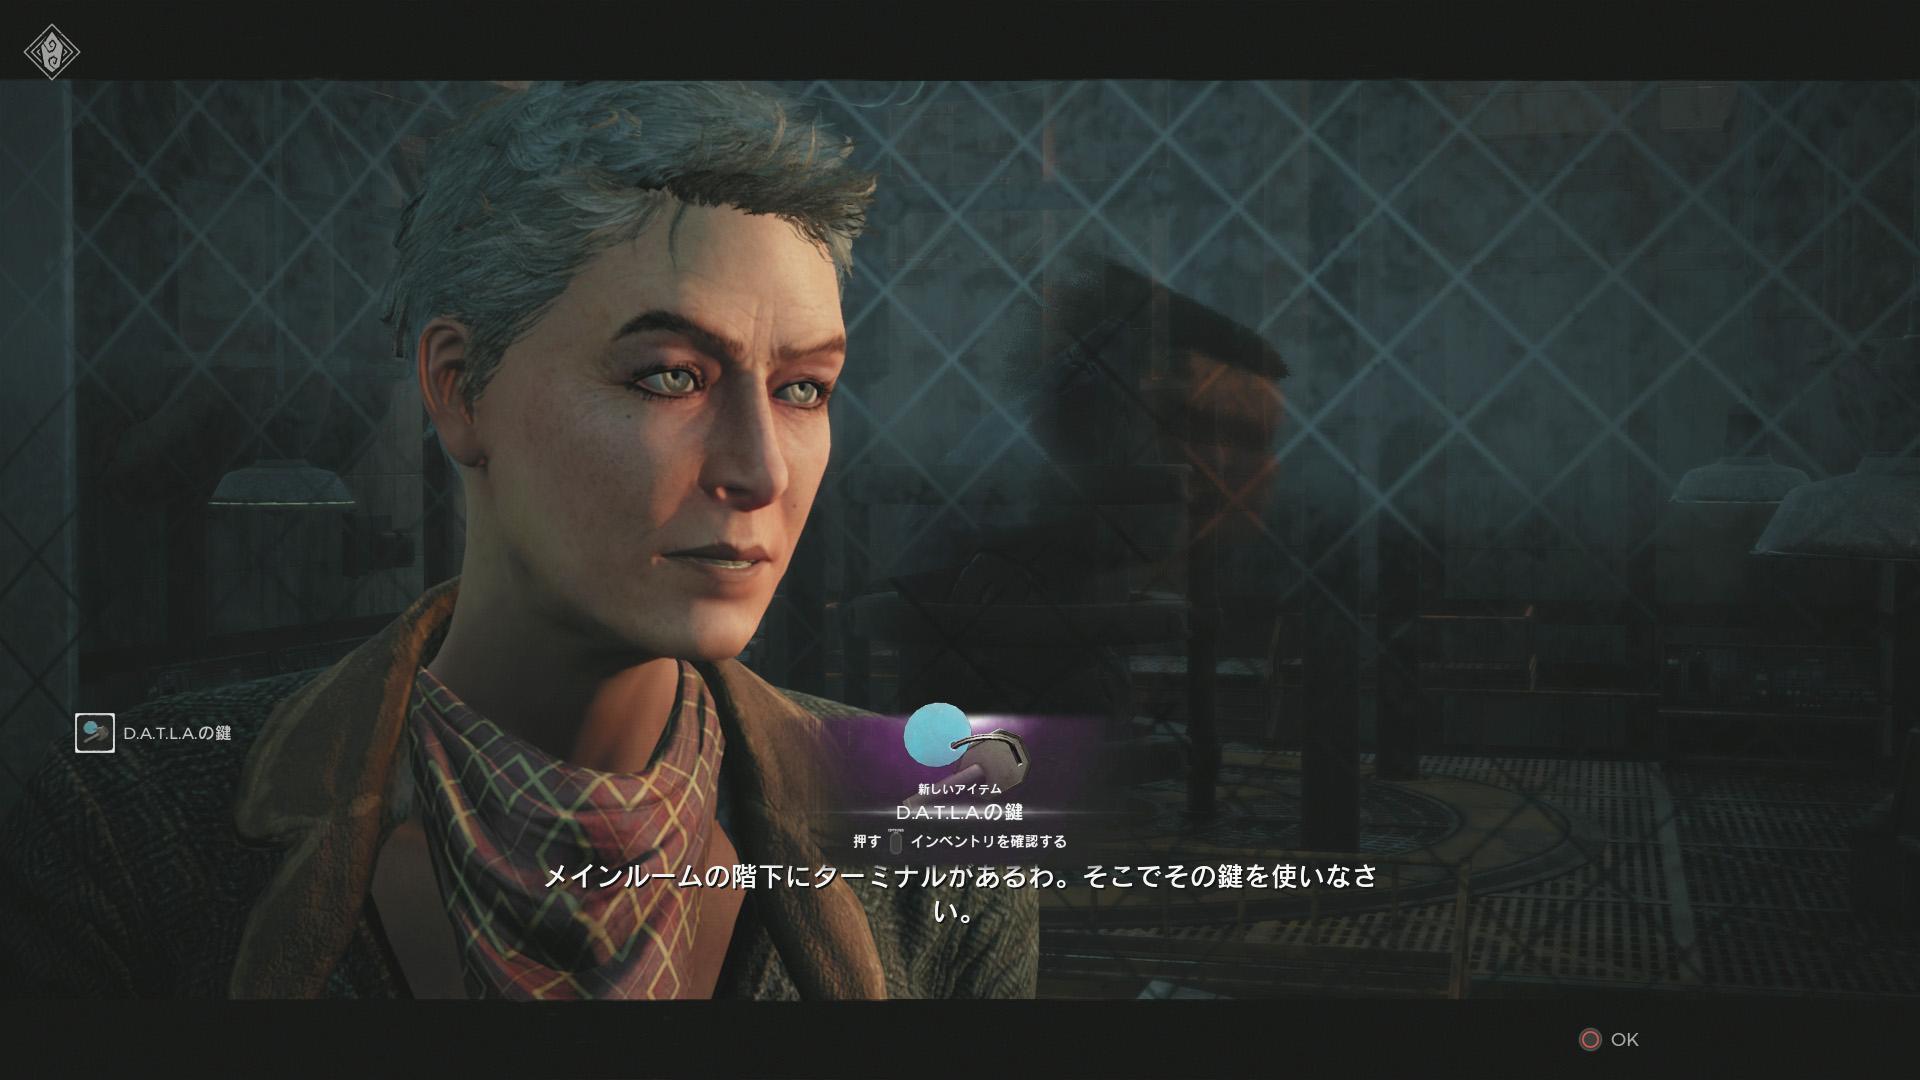 Ward 13には人間の生存者が居住していて、一部はプレーヤーに協力してくれる